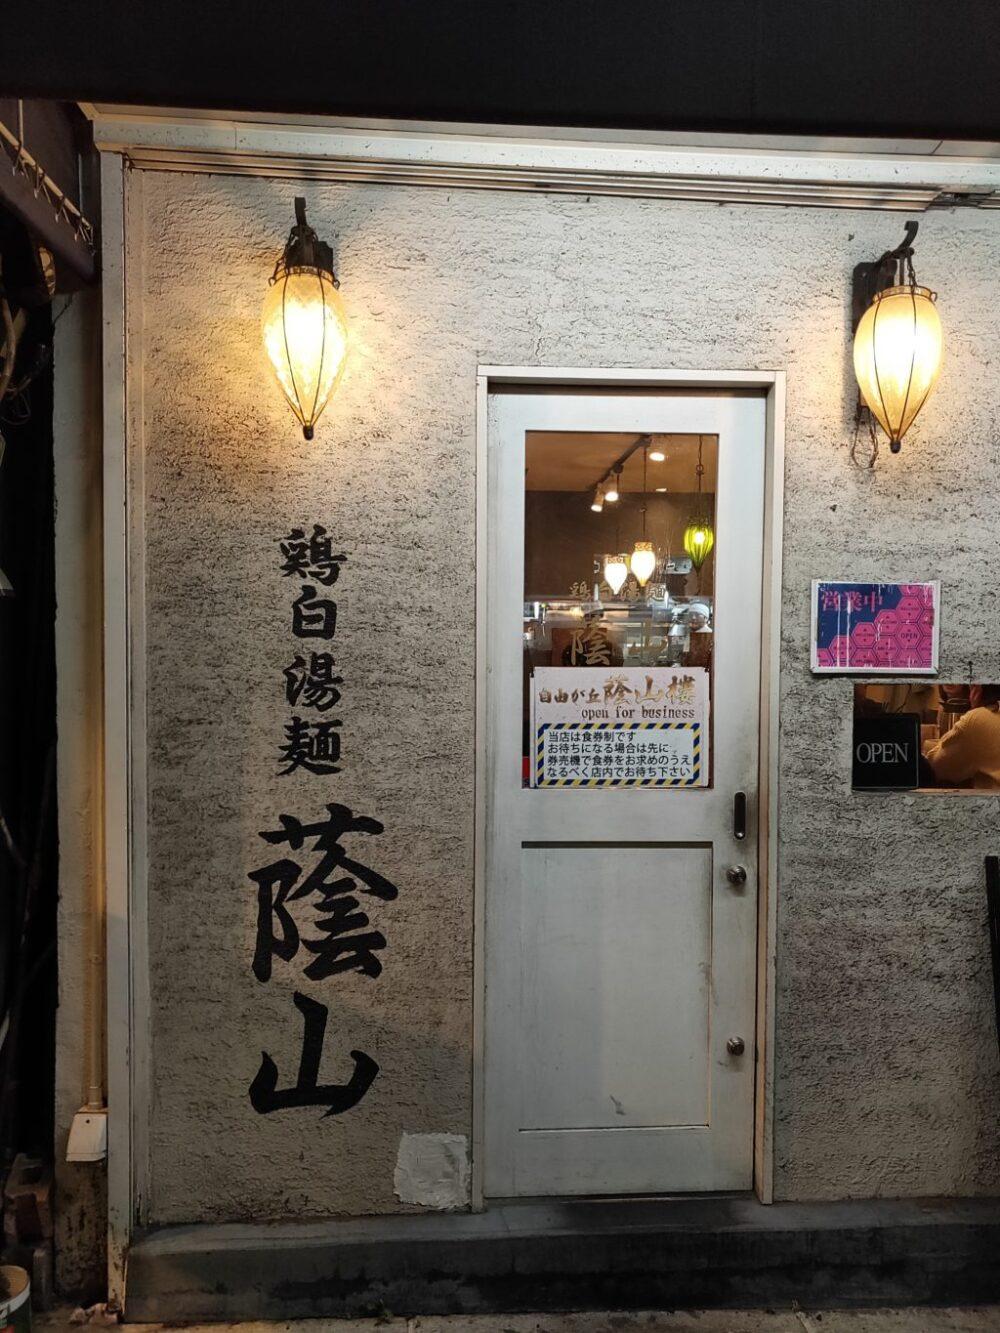 中華料理屋のスピンオフ。高田馬場の蔭山さんで絶品鶏白湯ラーメンと出会った!